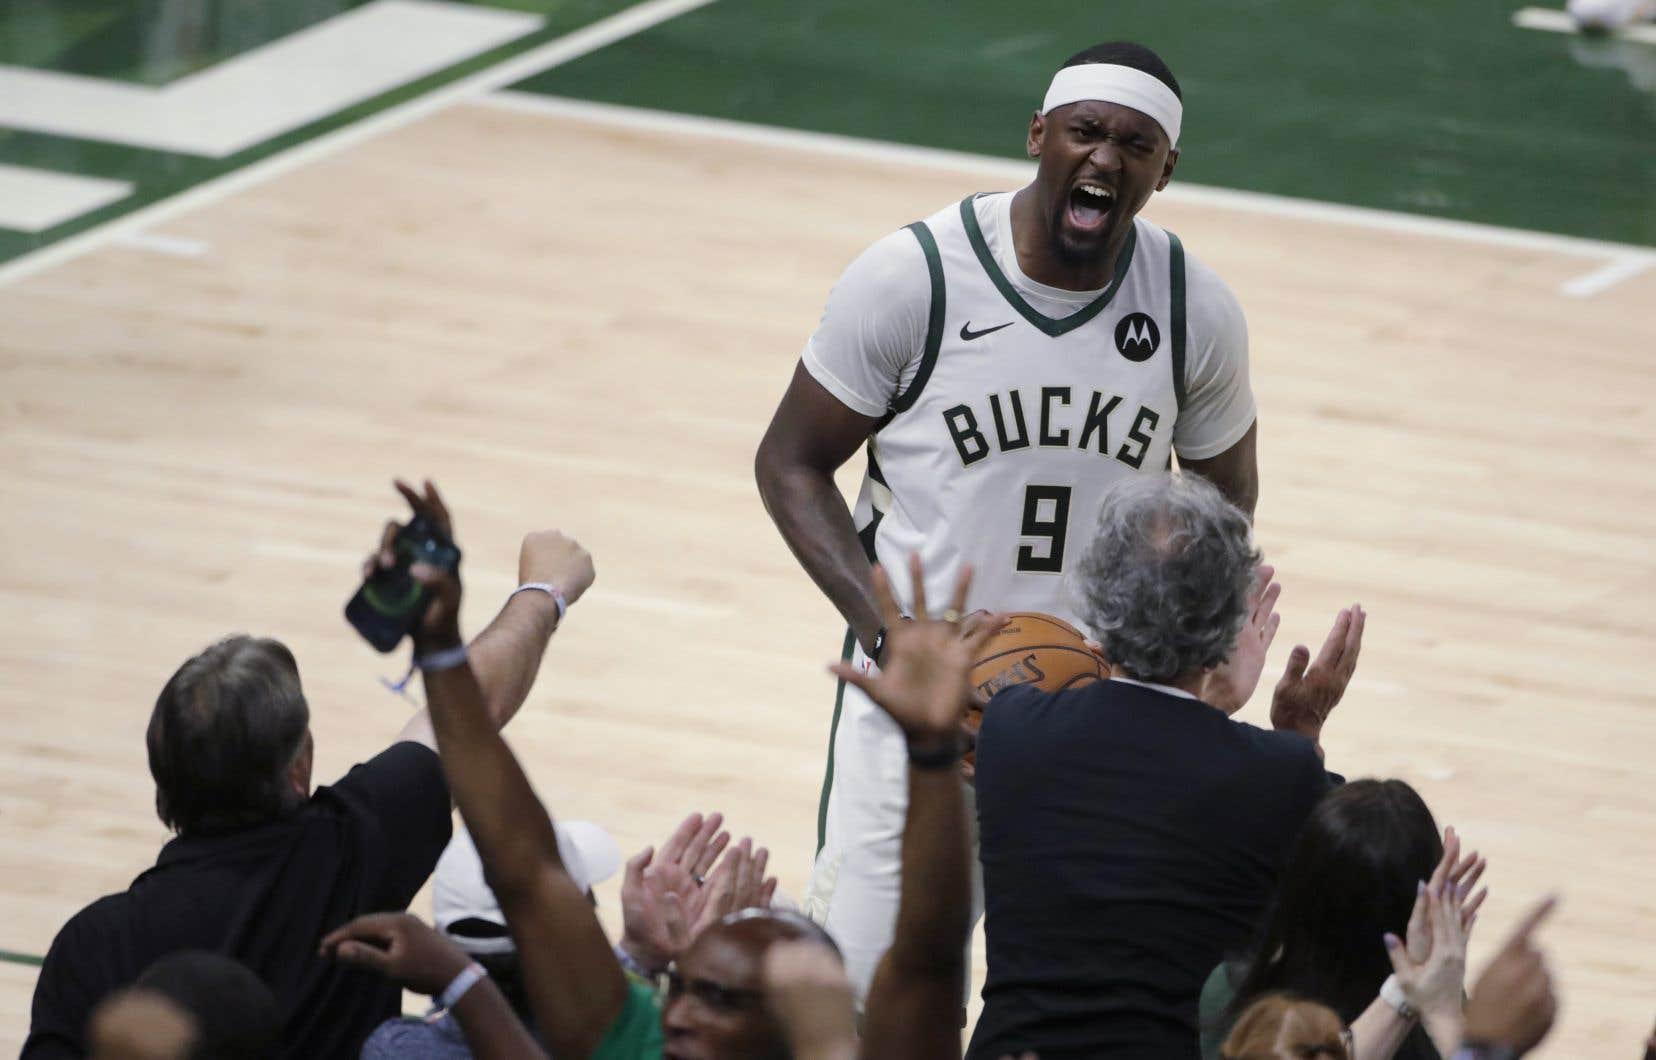 Aucun joueur des deux formations n'a déjà été sacré champion de la NBA.